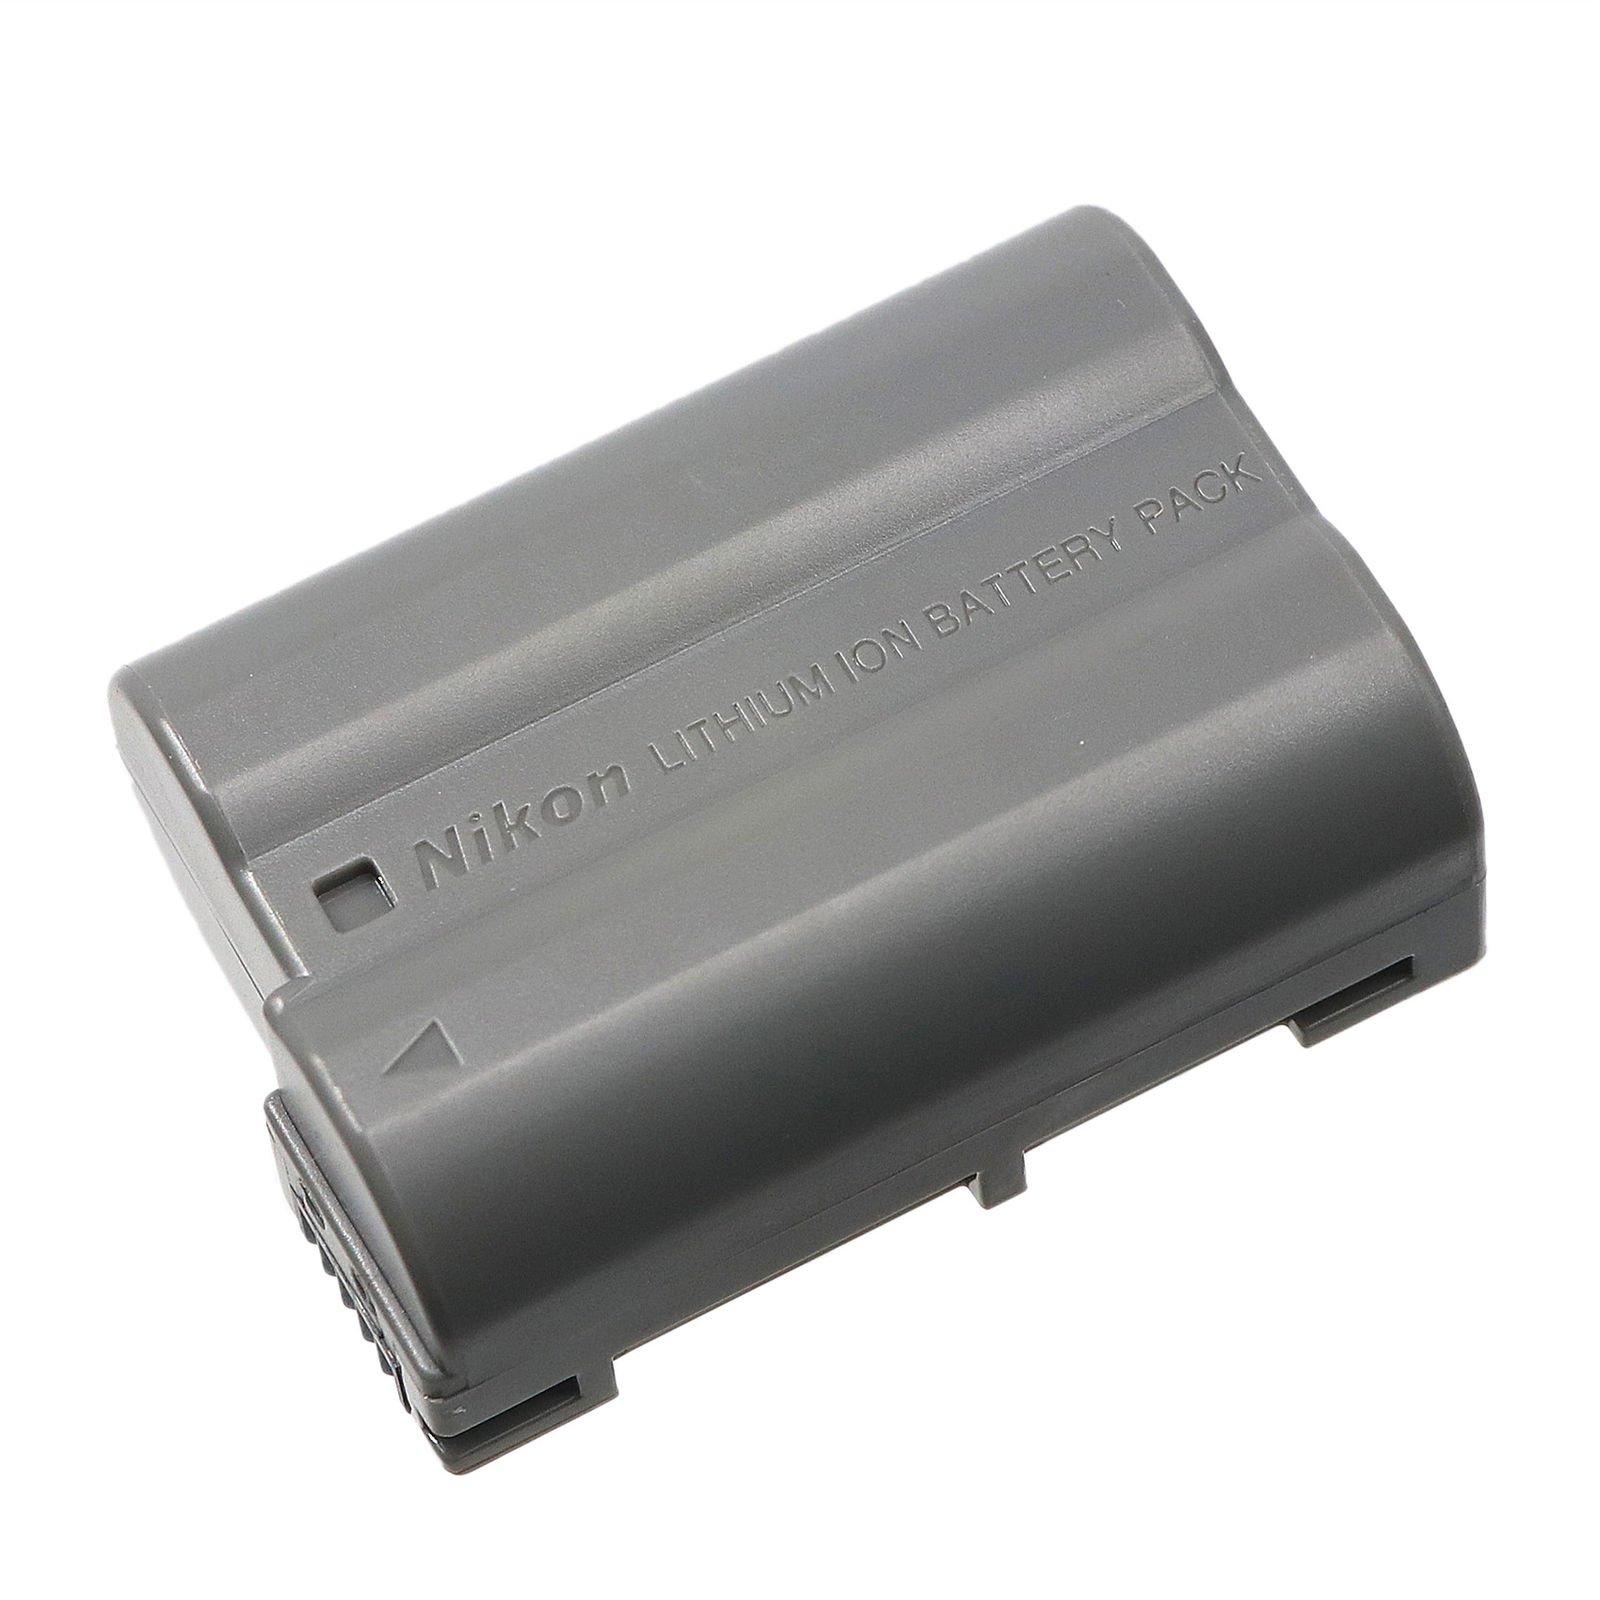 NEW EN-EL15 EN-EL15a EL15 Battery Rechargeable for Nikon D850 D600 D610 D750 D7100 D7200 D800 D810 V1 D500 cameras